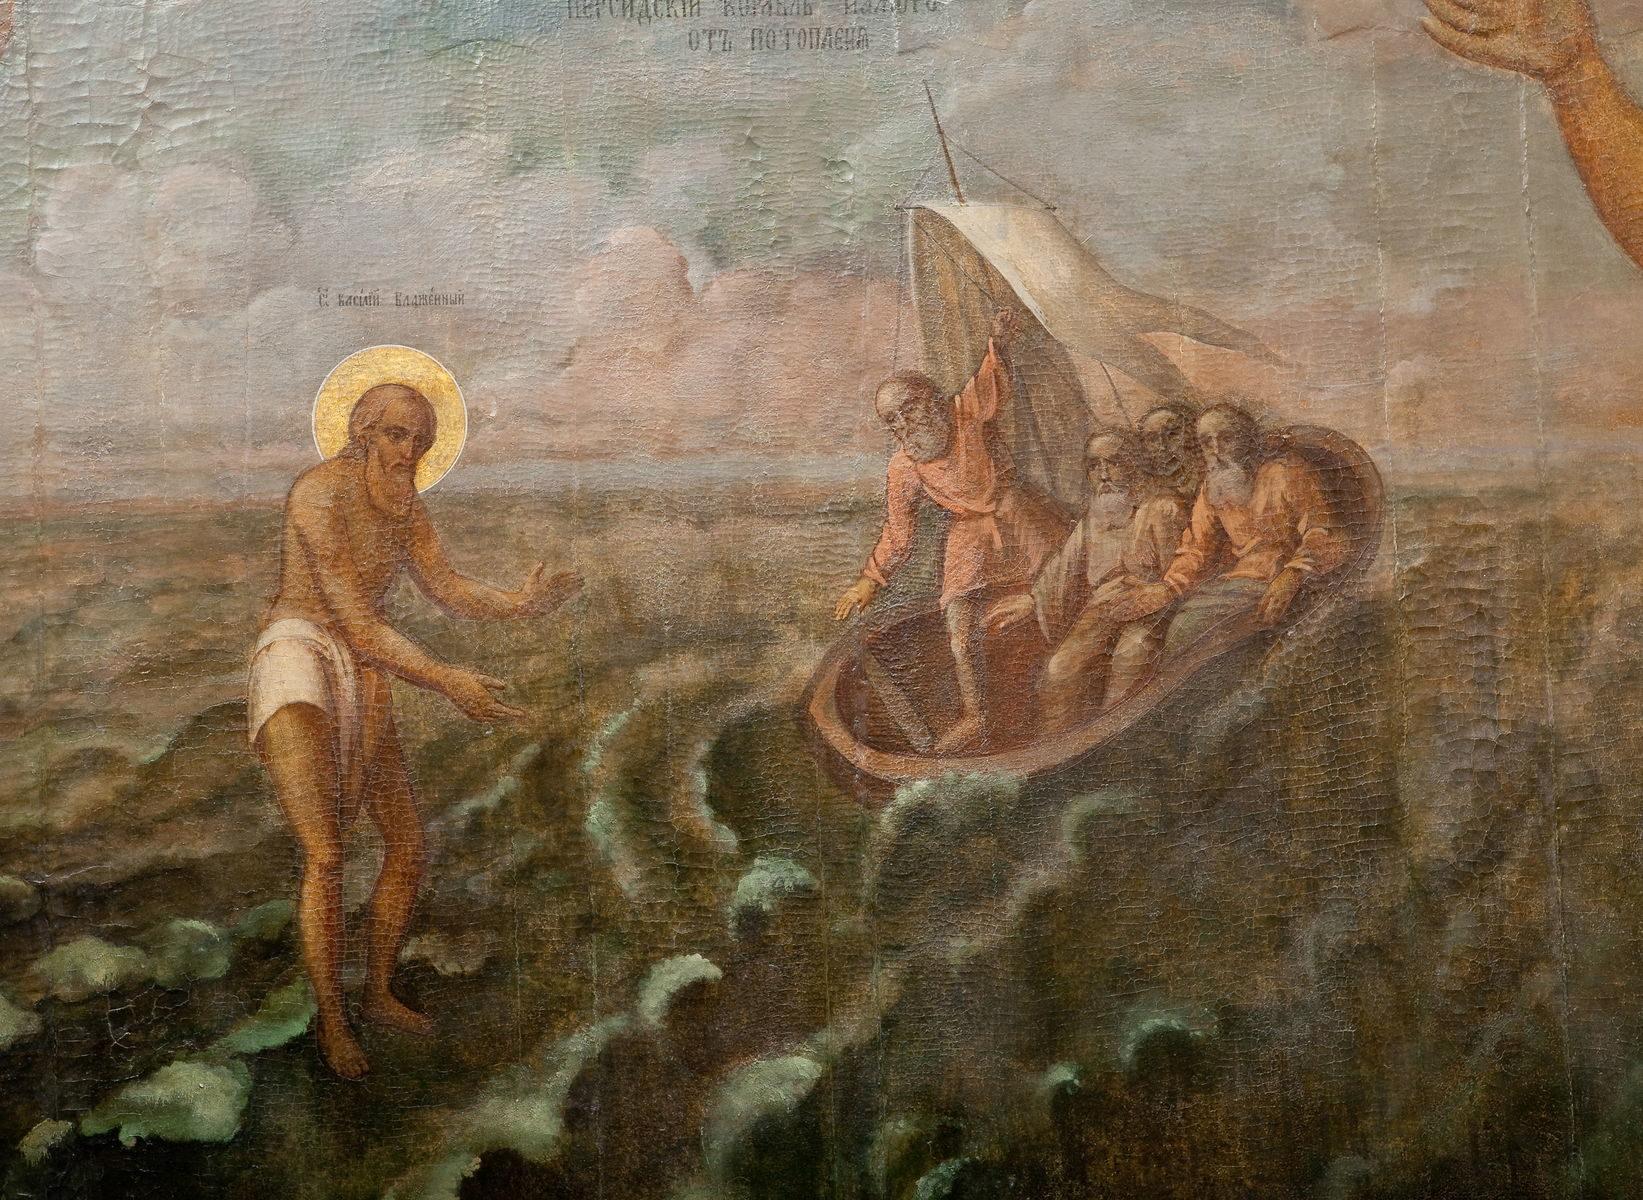 Фрагмент иконы «Покров Пресвятой Богородицы с предстоящими Василием и Иоанном Блаженными»